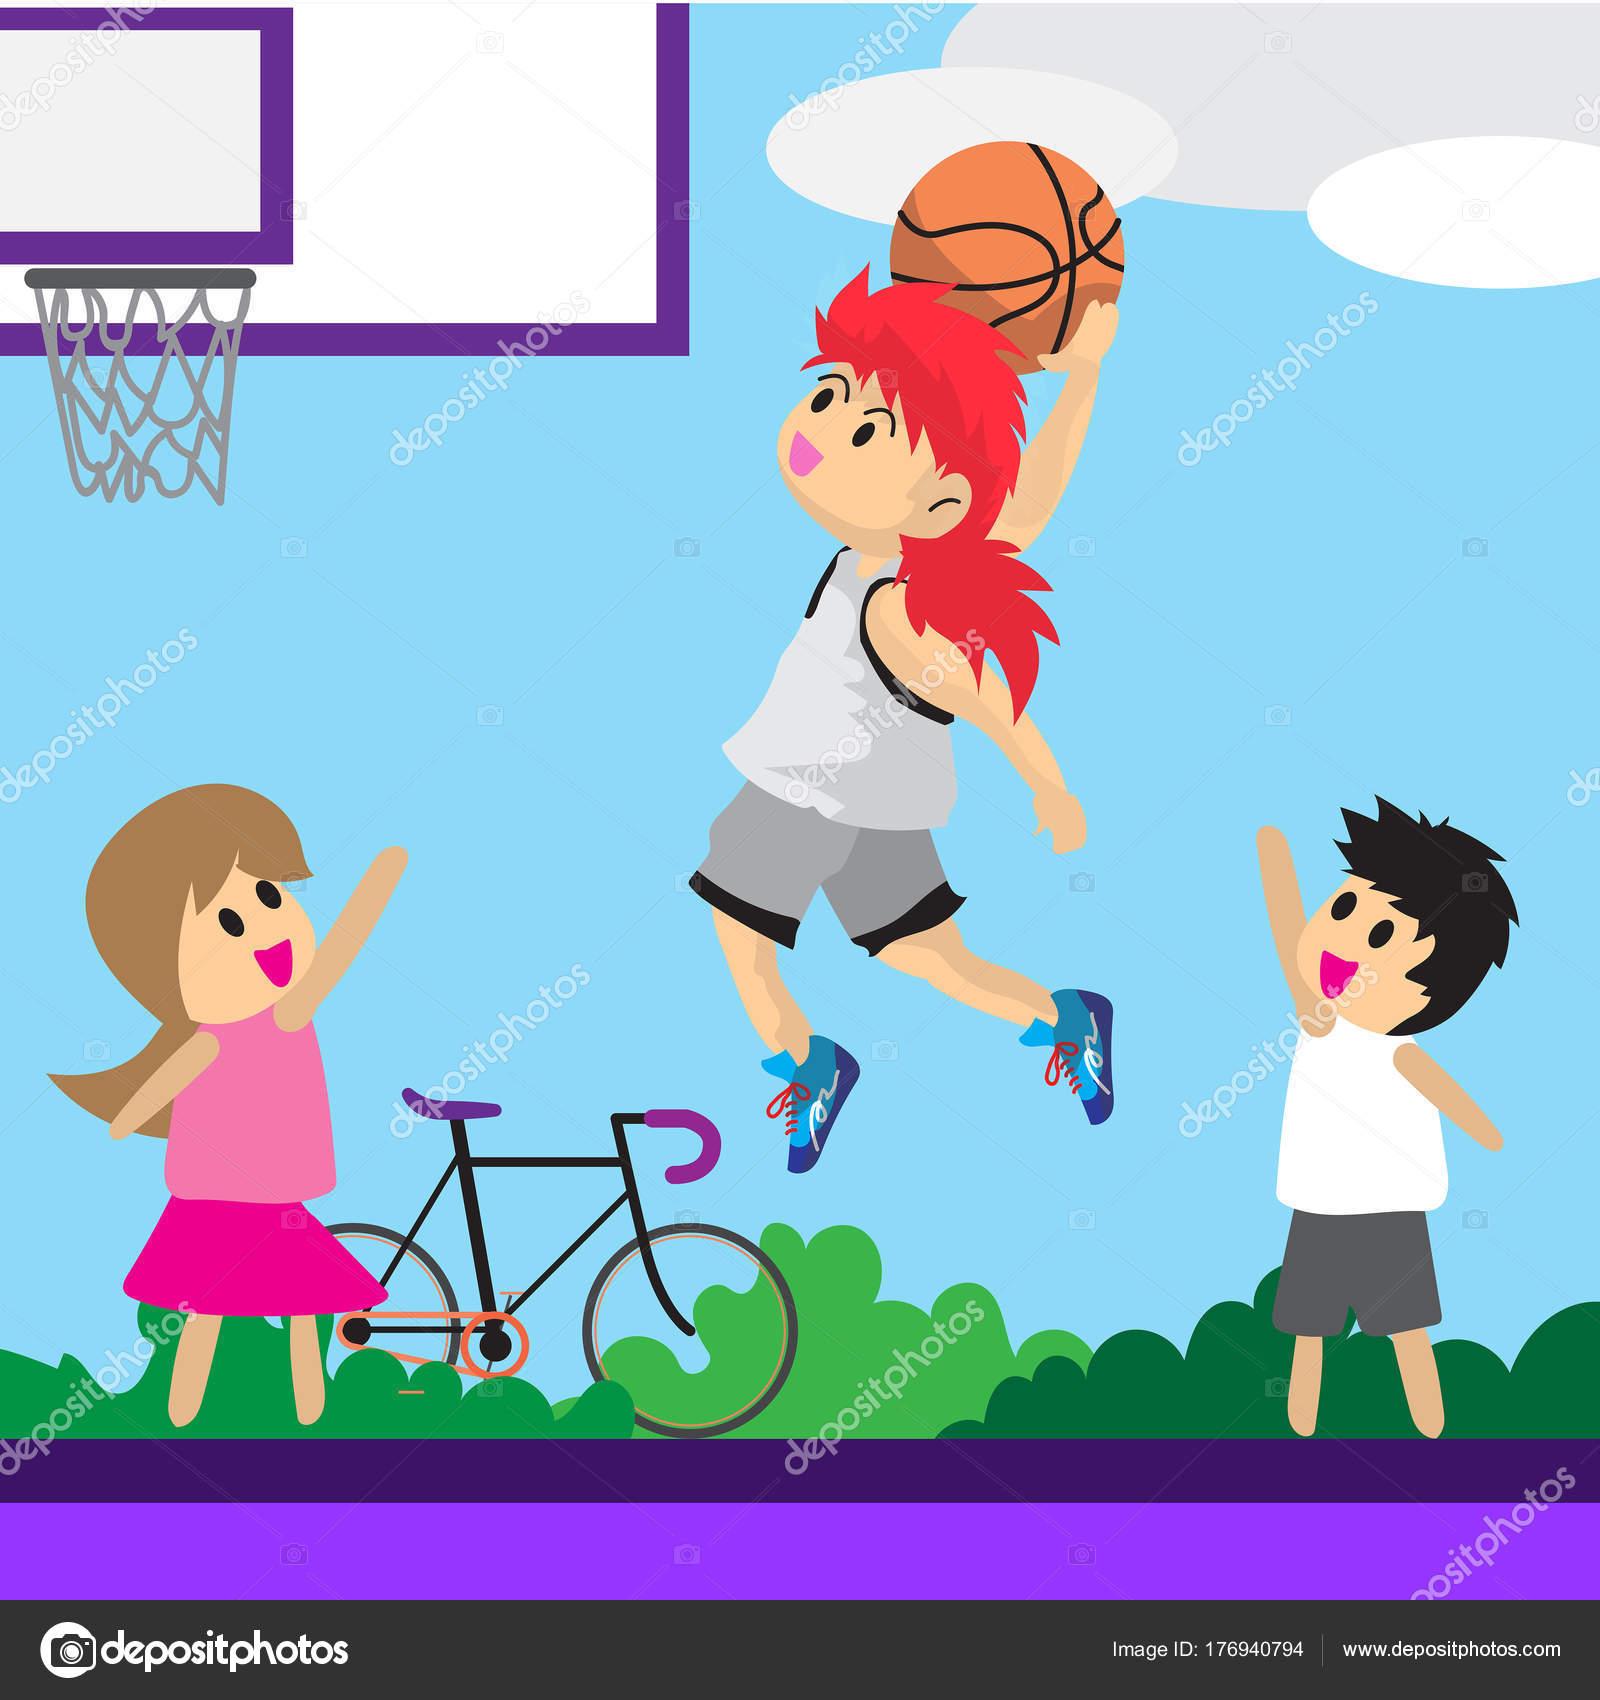 Ragazzo Gioca Carattere Disegno Fumetto Arte Basket Basket Fondo